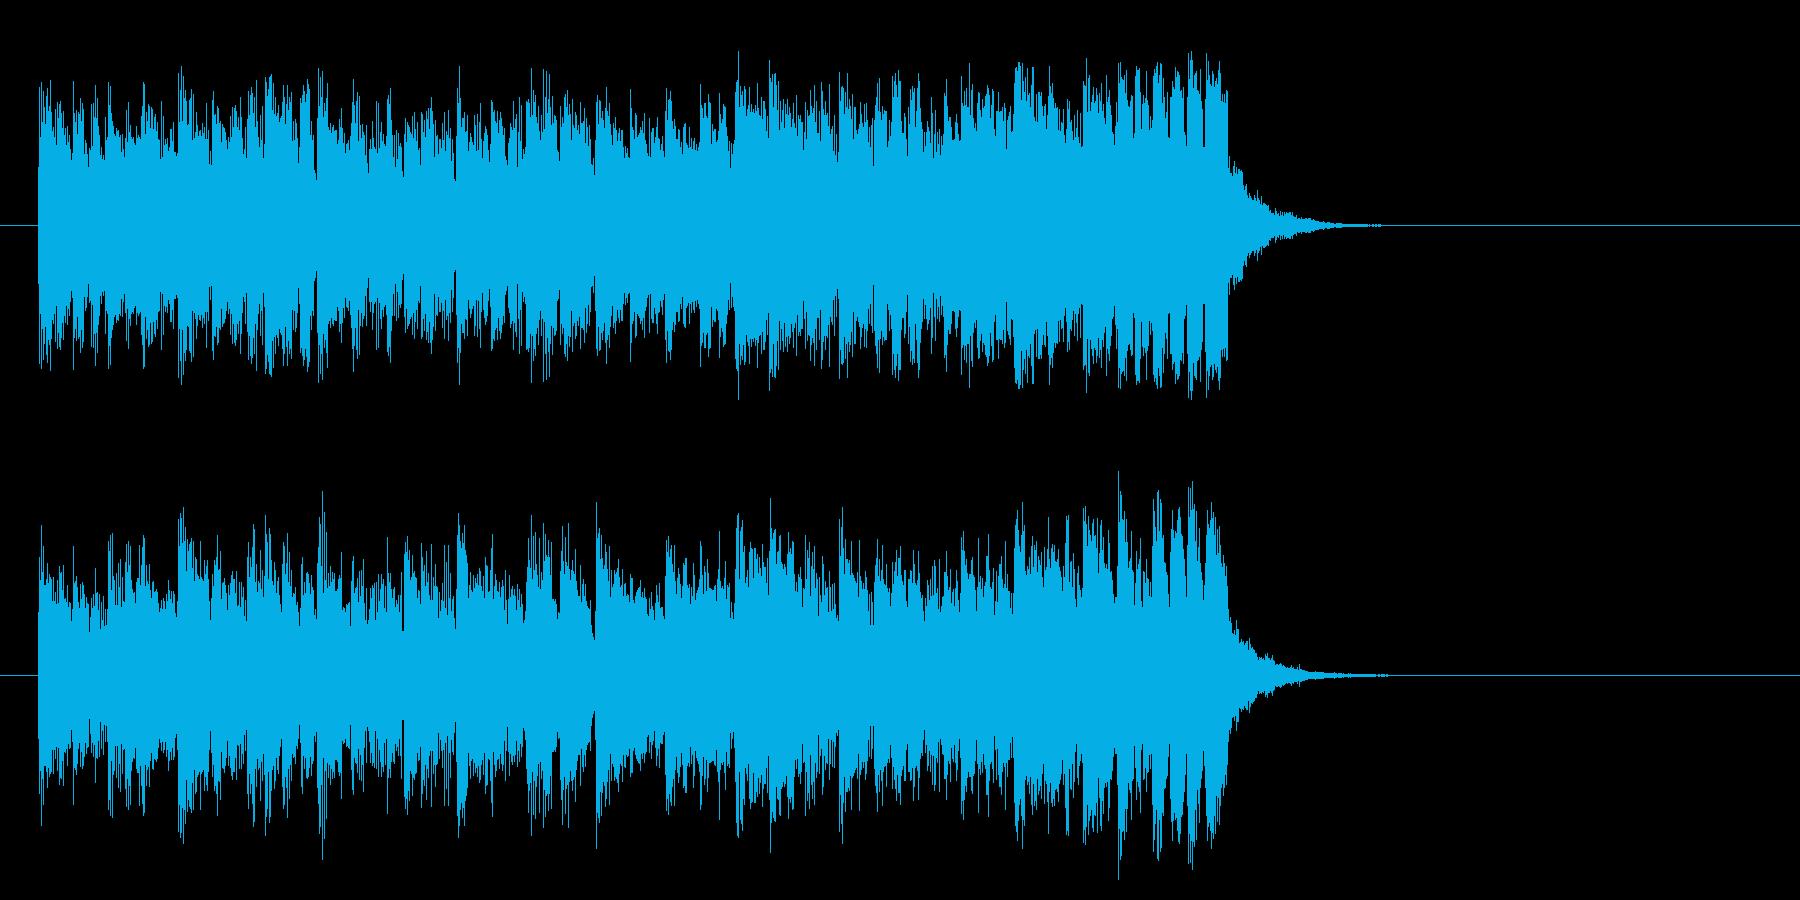 元気なテーマ・ポップス(サビ)の再生済みの波形